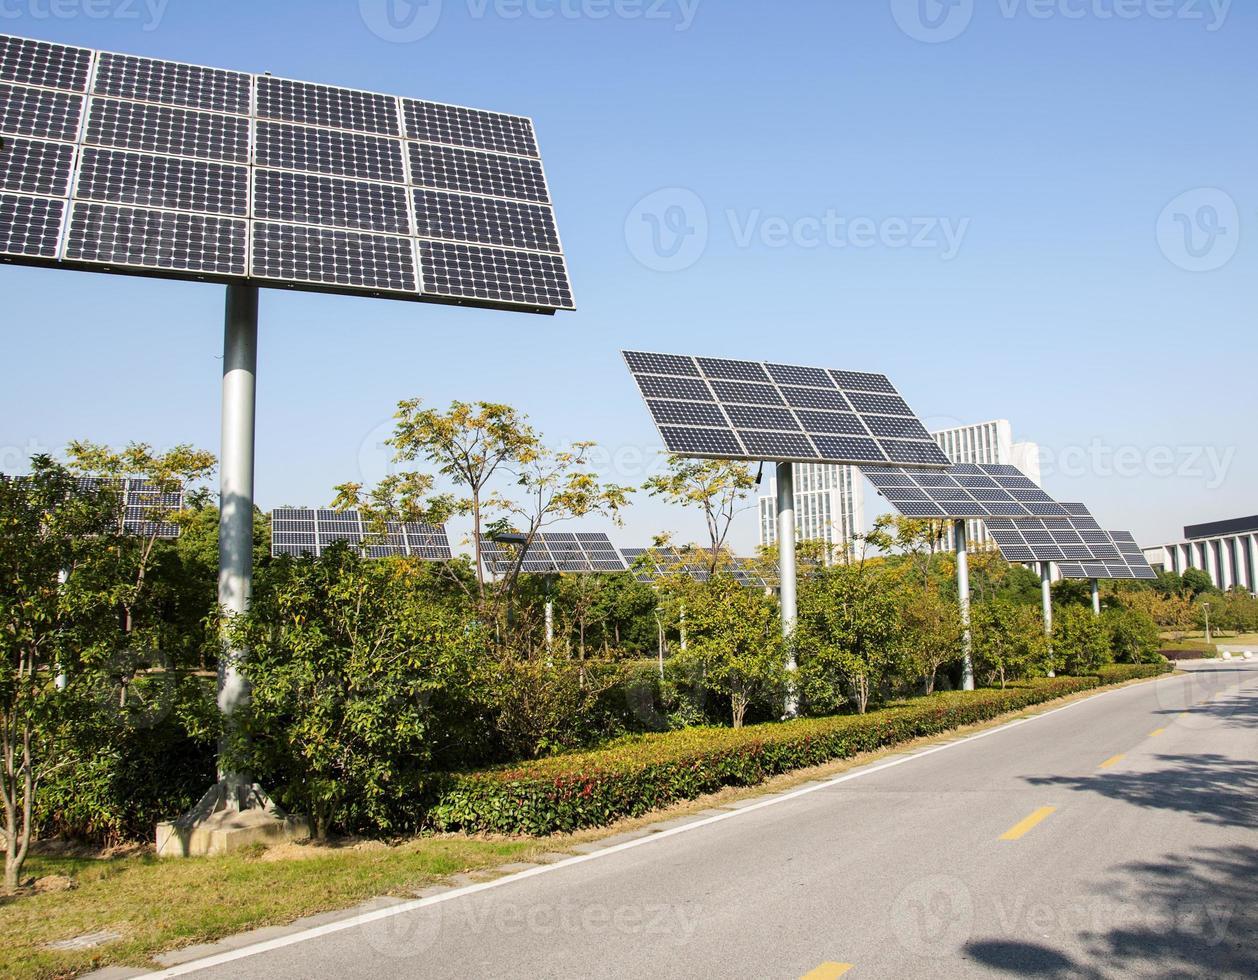 solpanelen producerar grön, miljövänlig energi från solen. foto